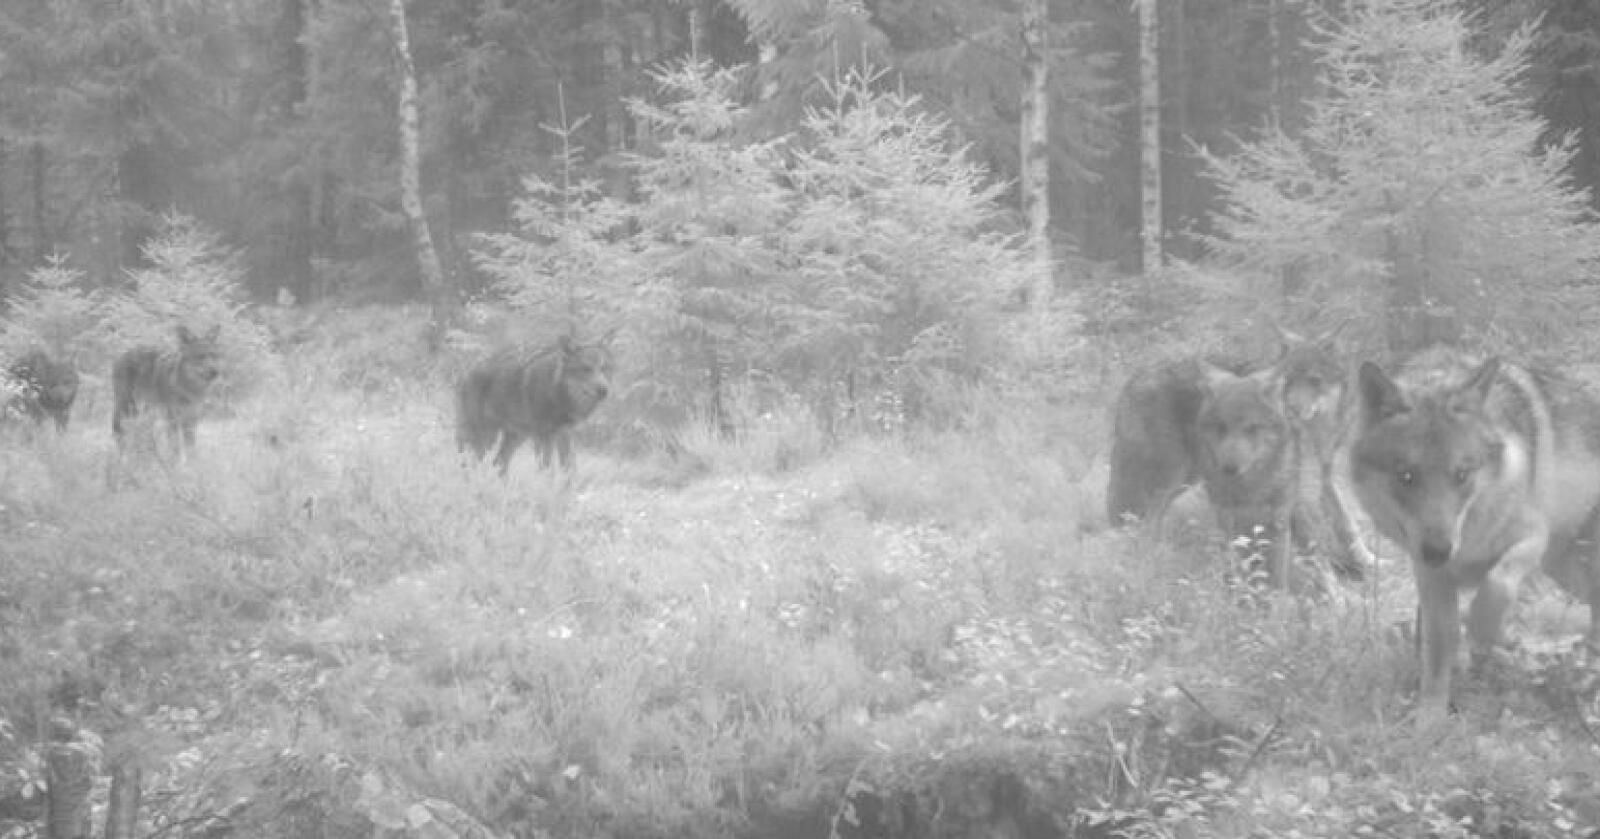 Minst ni ulver blei fanget opp på viltkamera i Kynnareviret i Hedmark 12. oktober. Foto: viltkamera.nina.no